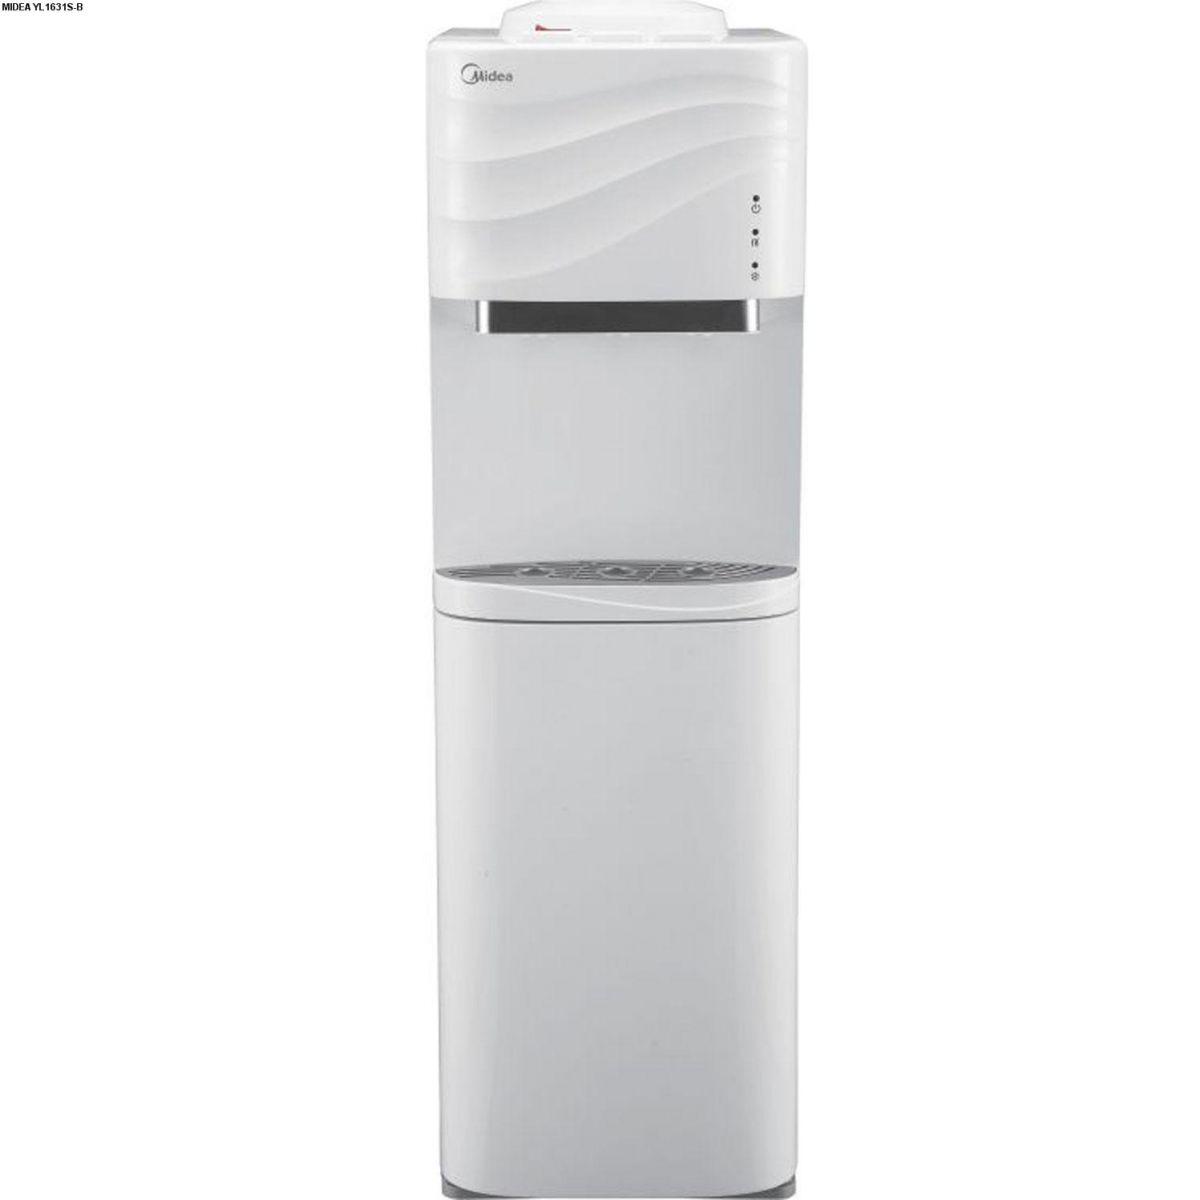 Cây nước nóng lạnh cao cấp Midea YL1631S-B